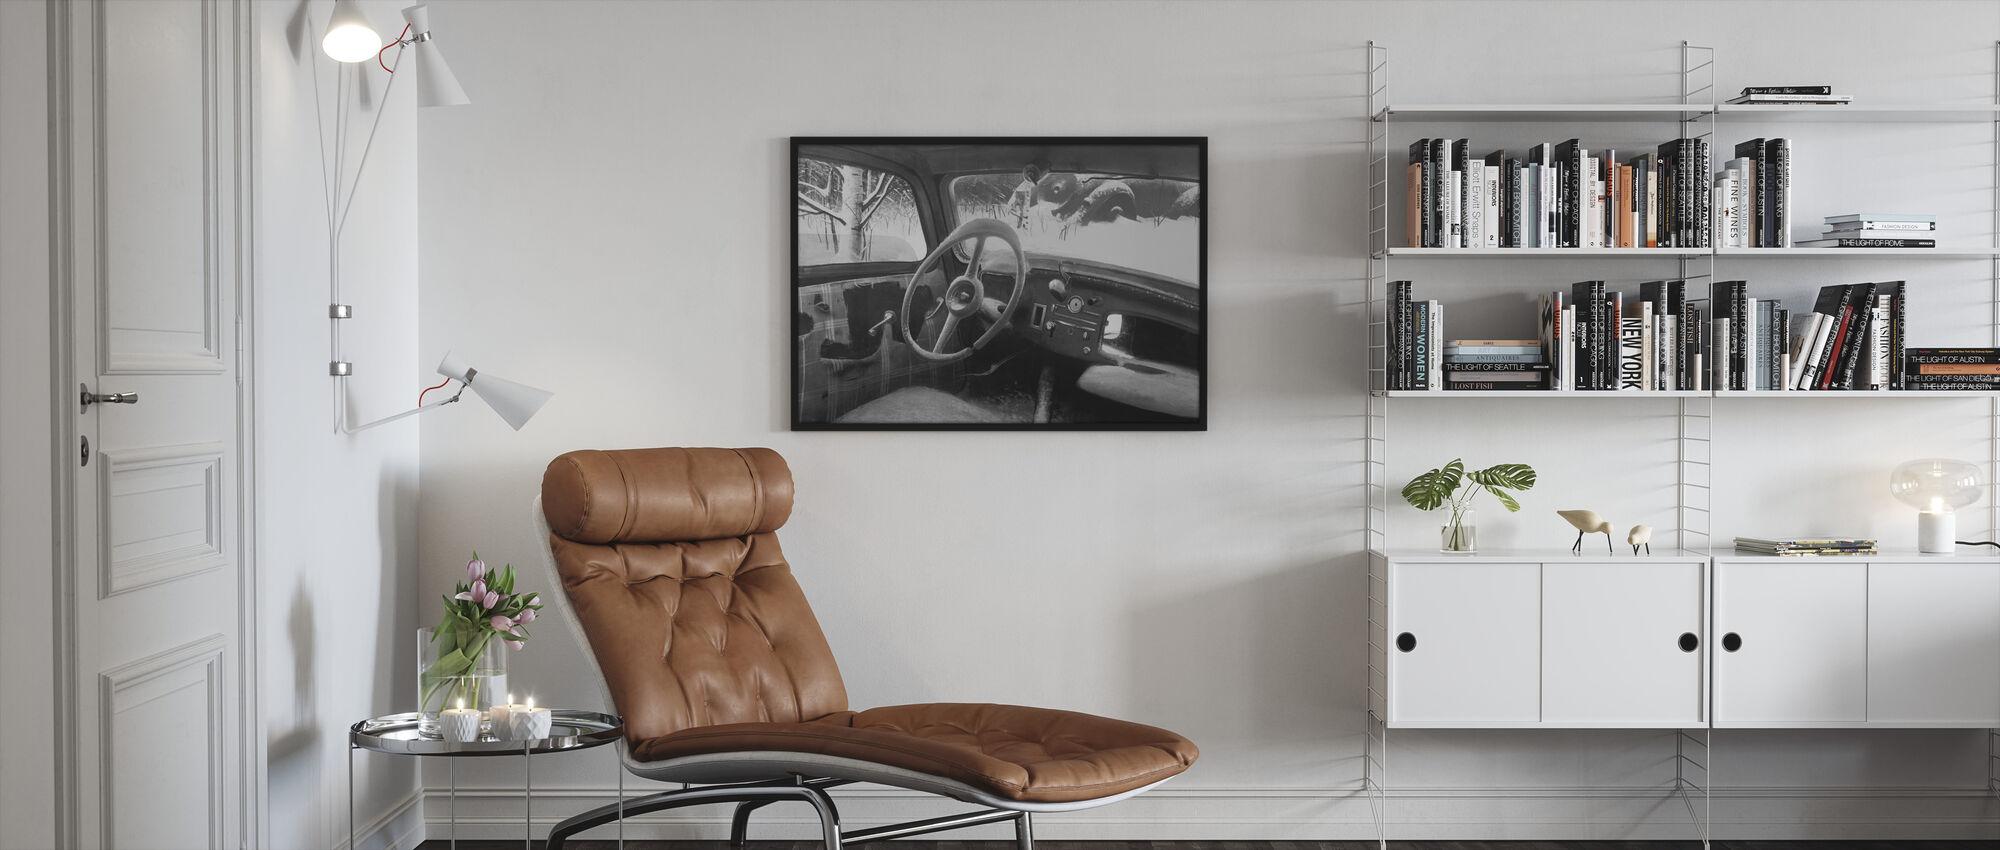 B11 Steering Wheel BW - Framed print - Living Room